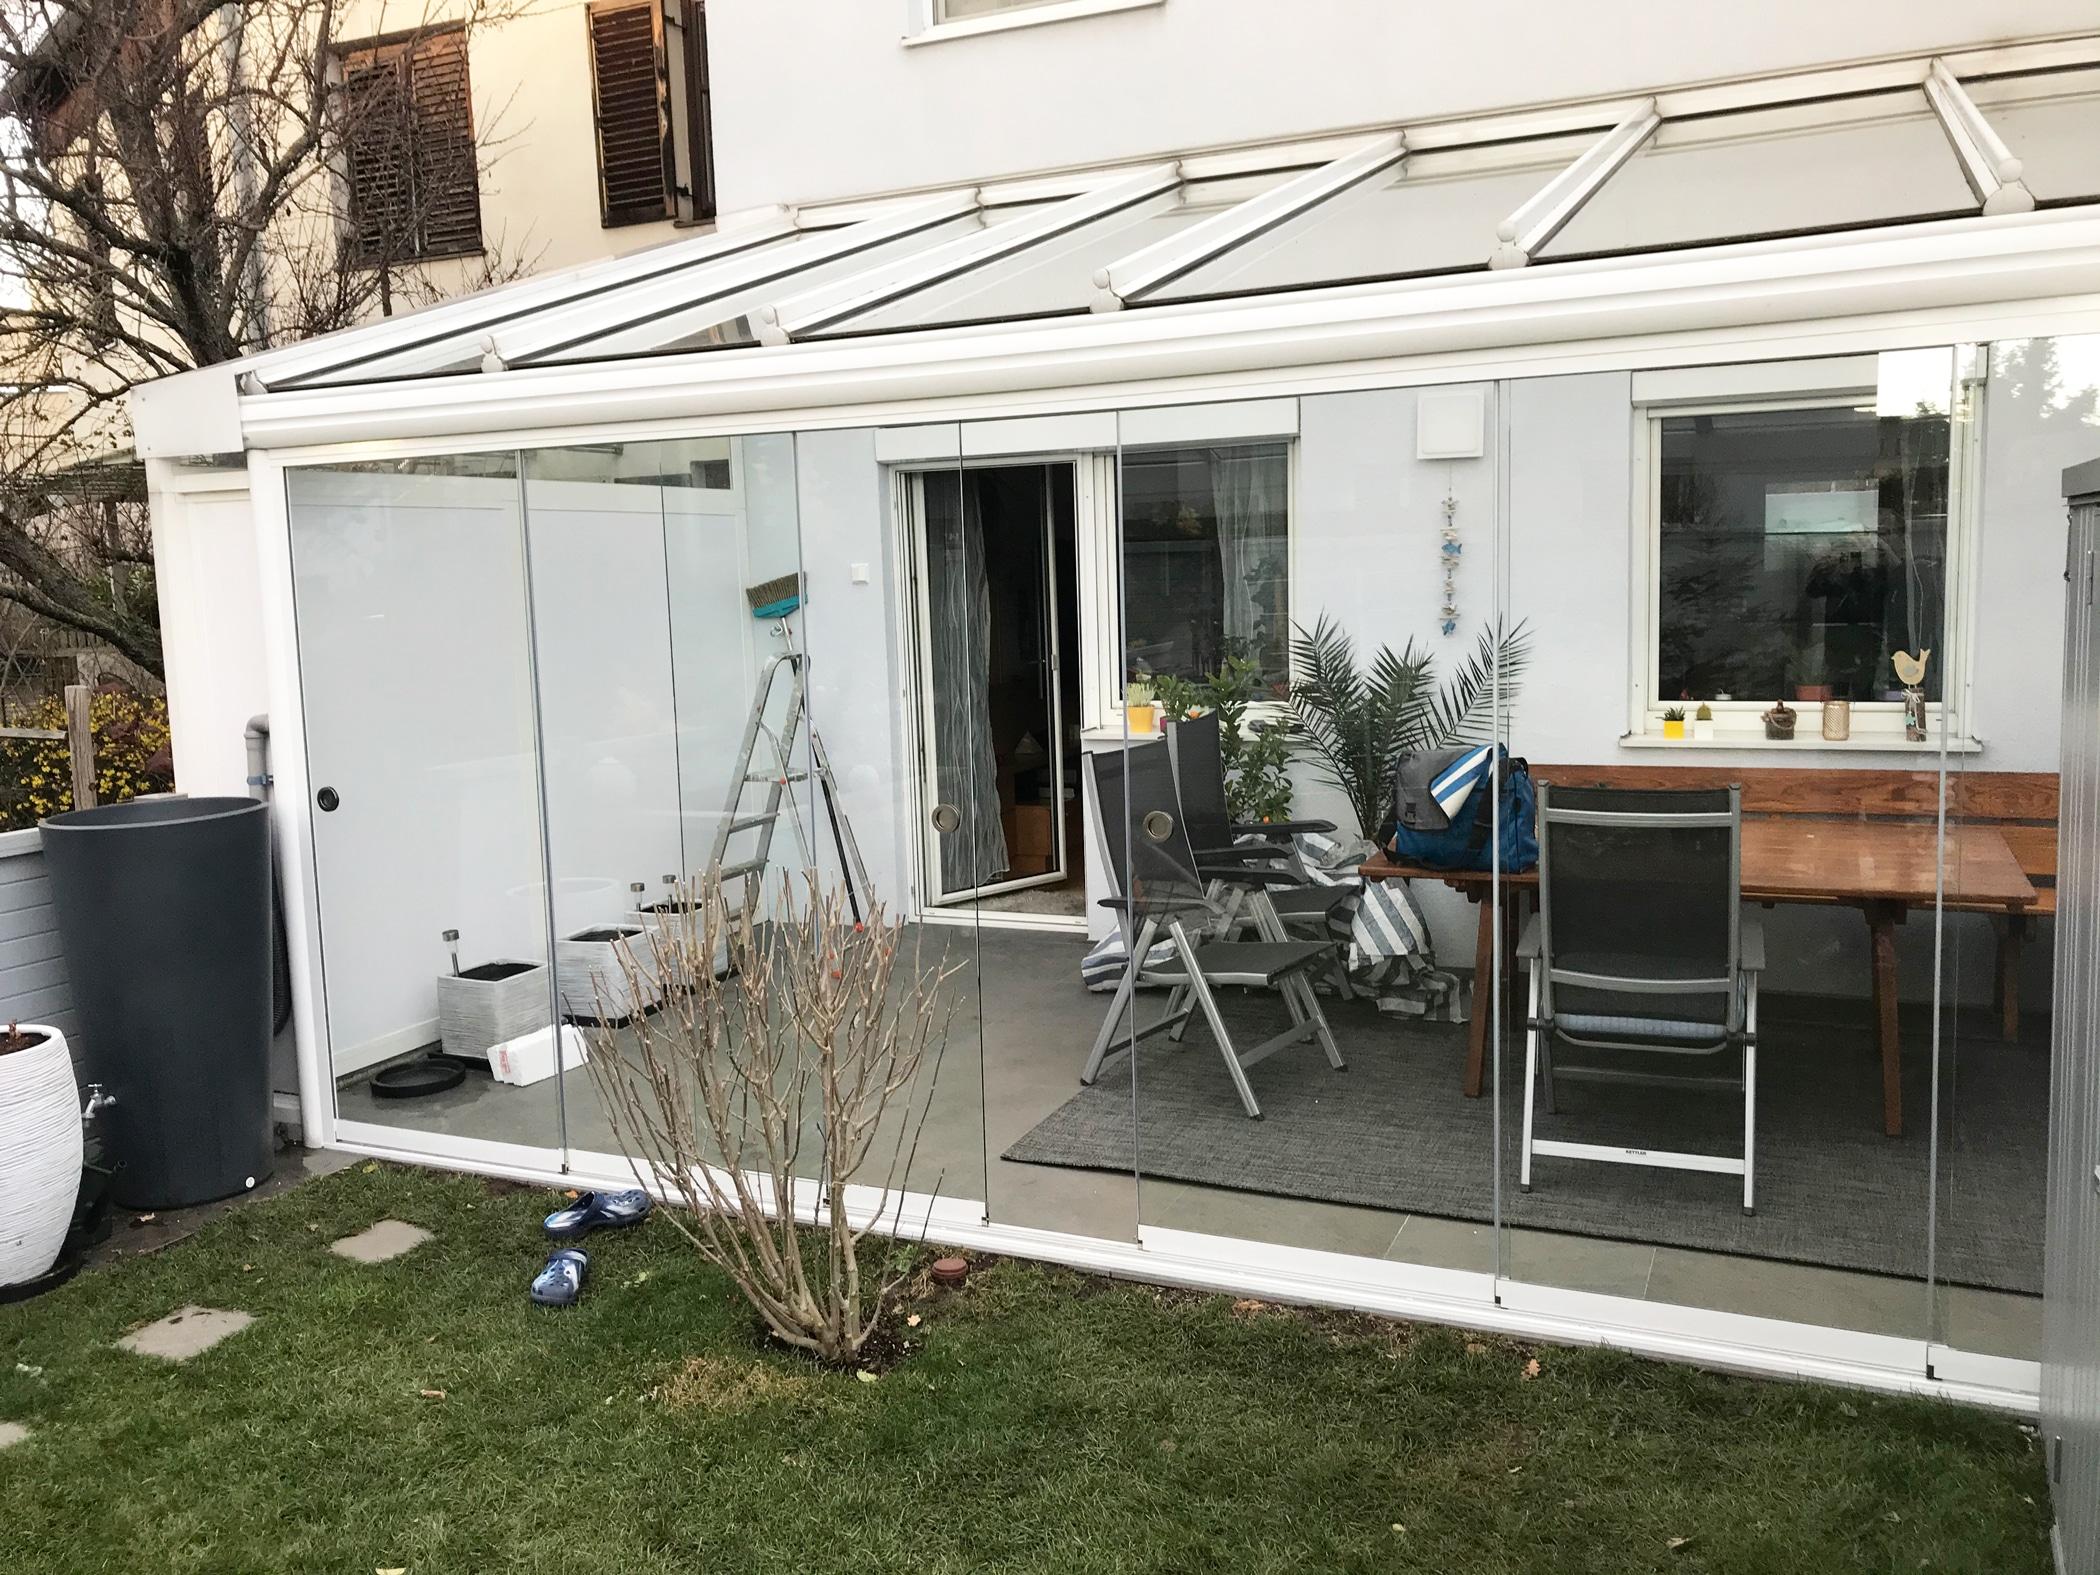 Terrassenüberdachung mit Schiebetüren - Farbe weiß